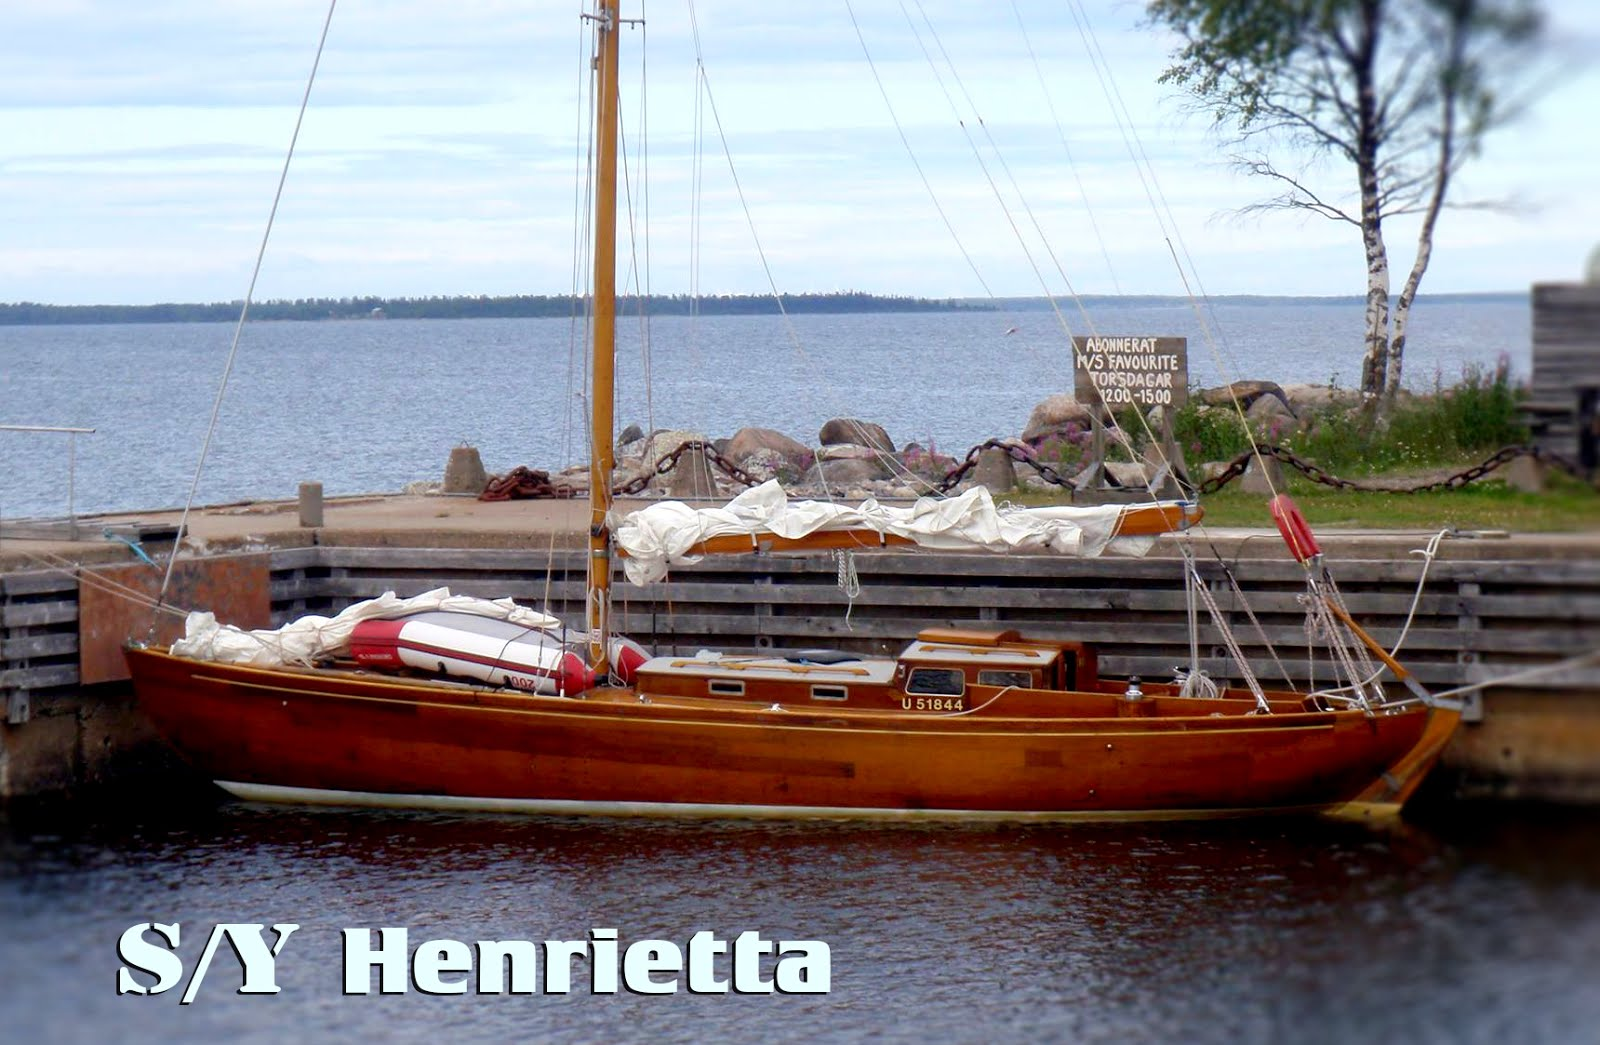 S/Y Henrietta